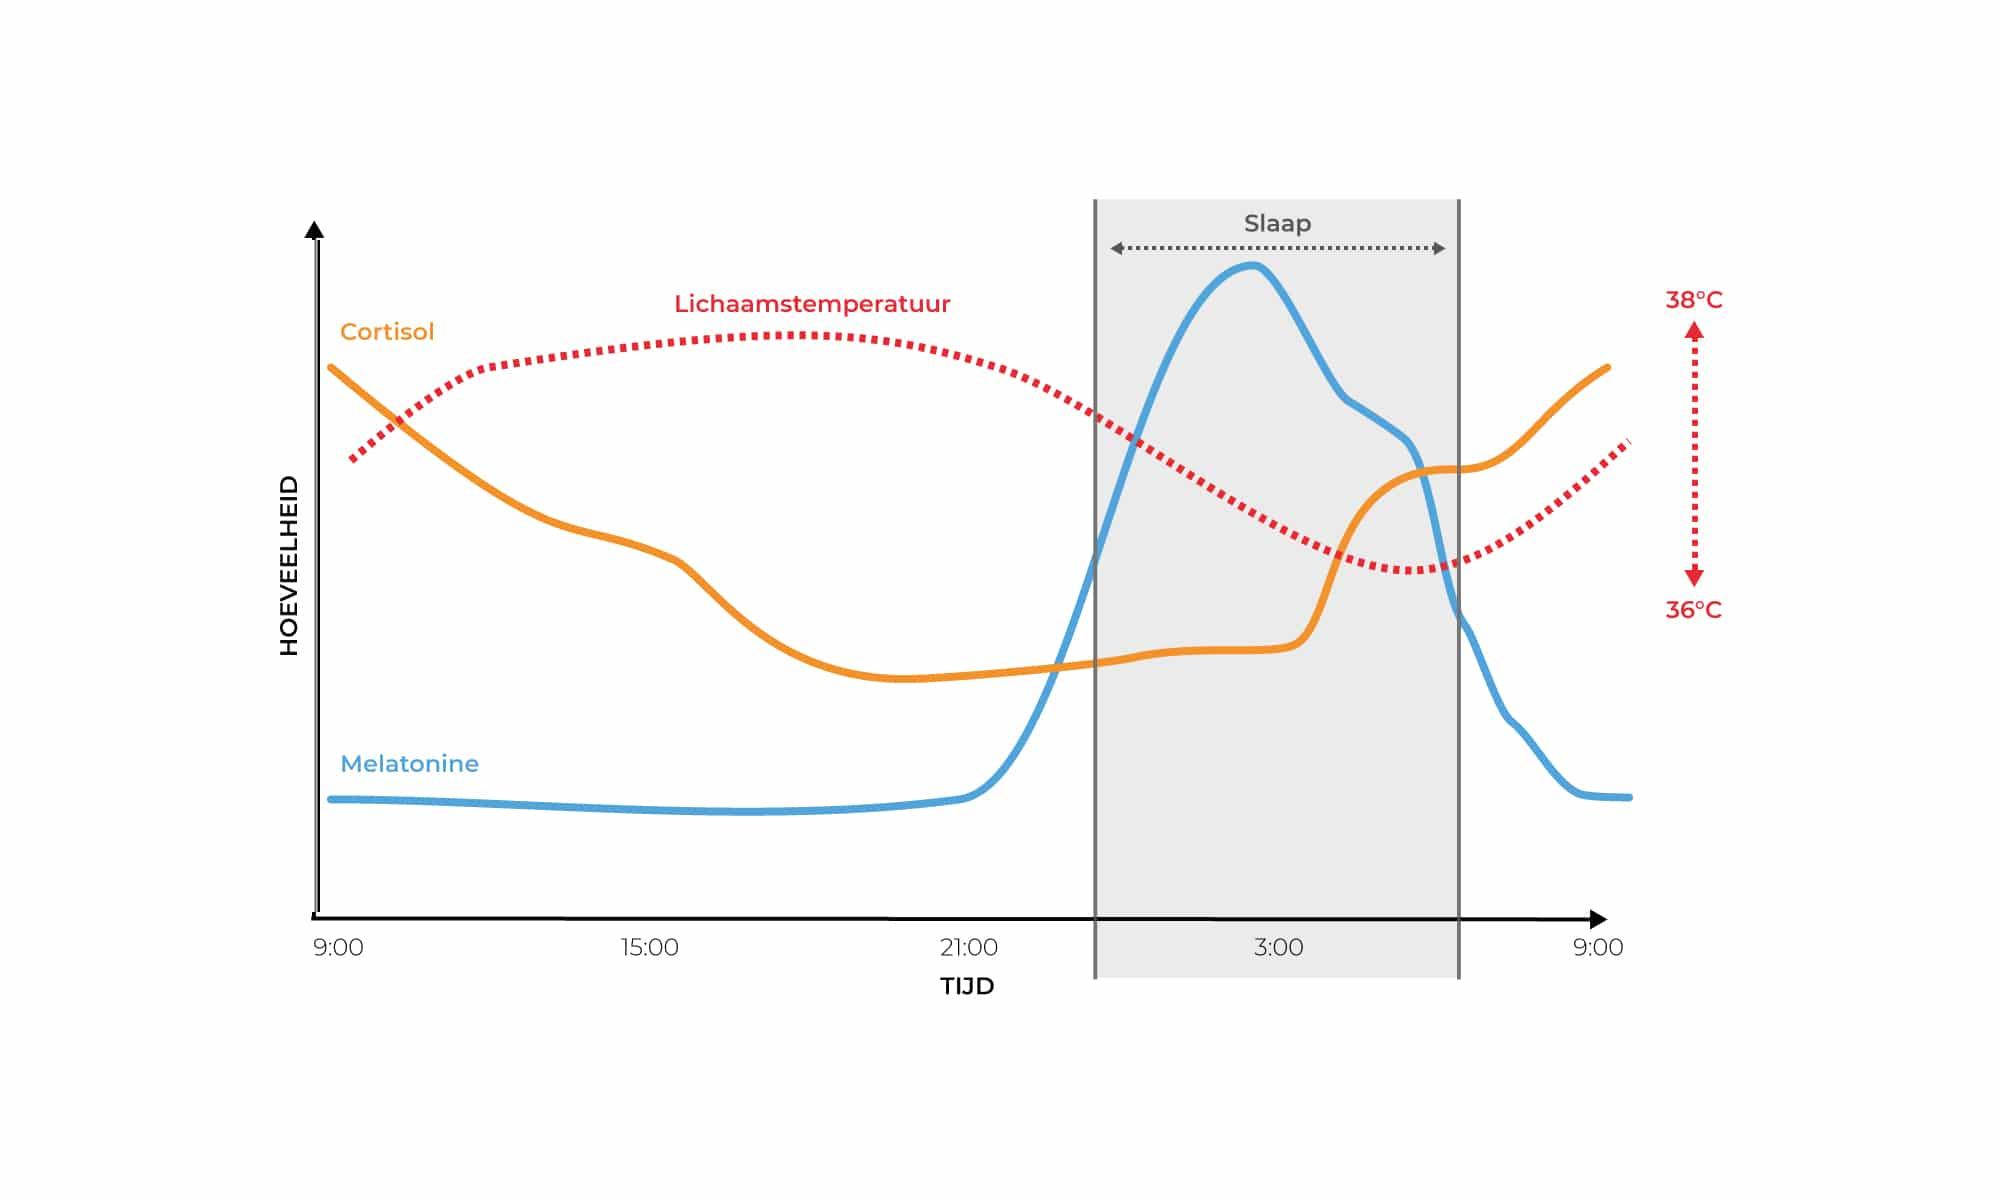 Figuur 1. Het basisritme van cortisol, melatonine en lichaamstemperatuur.